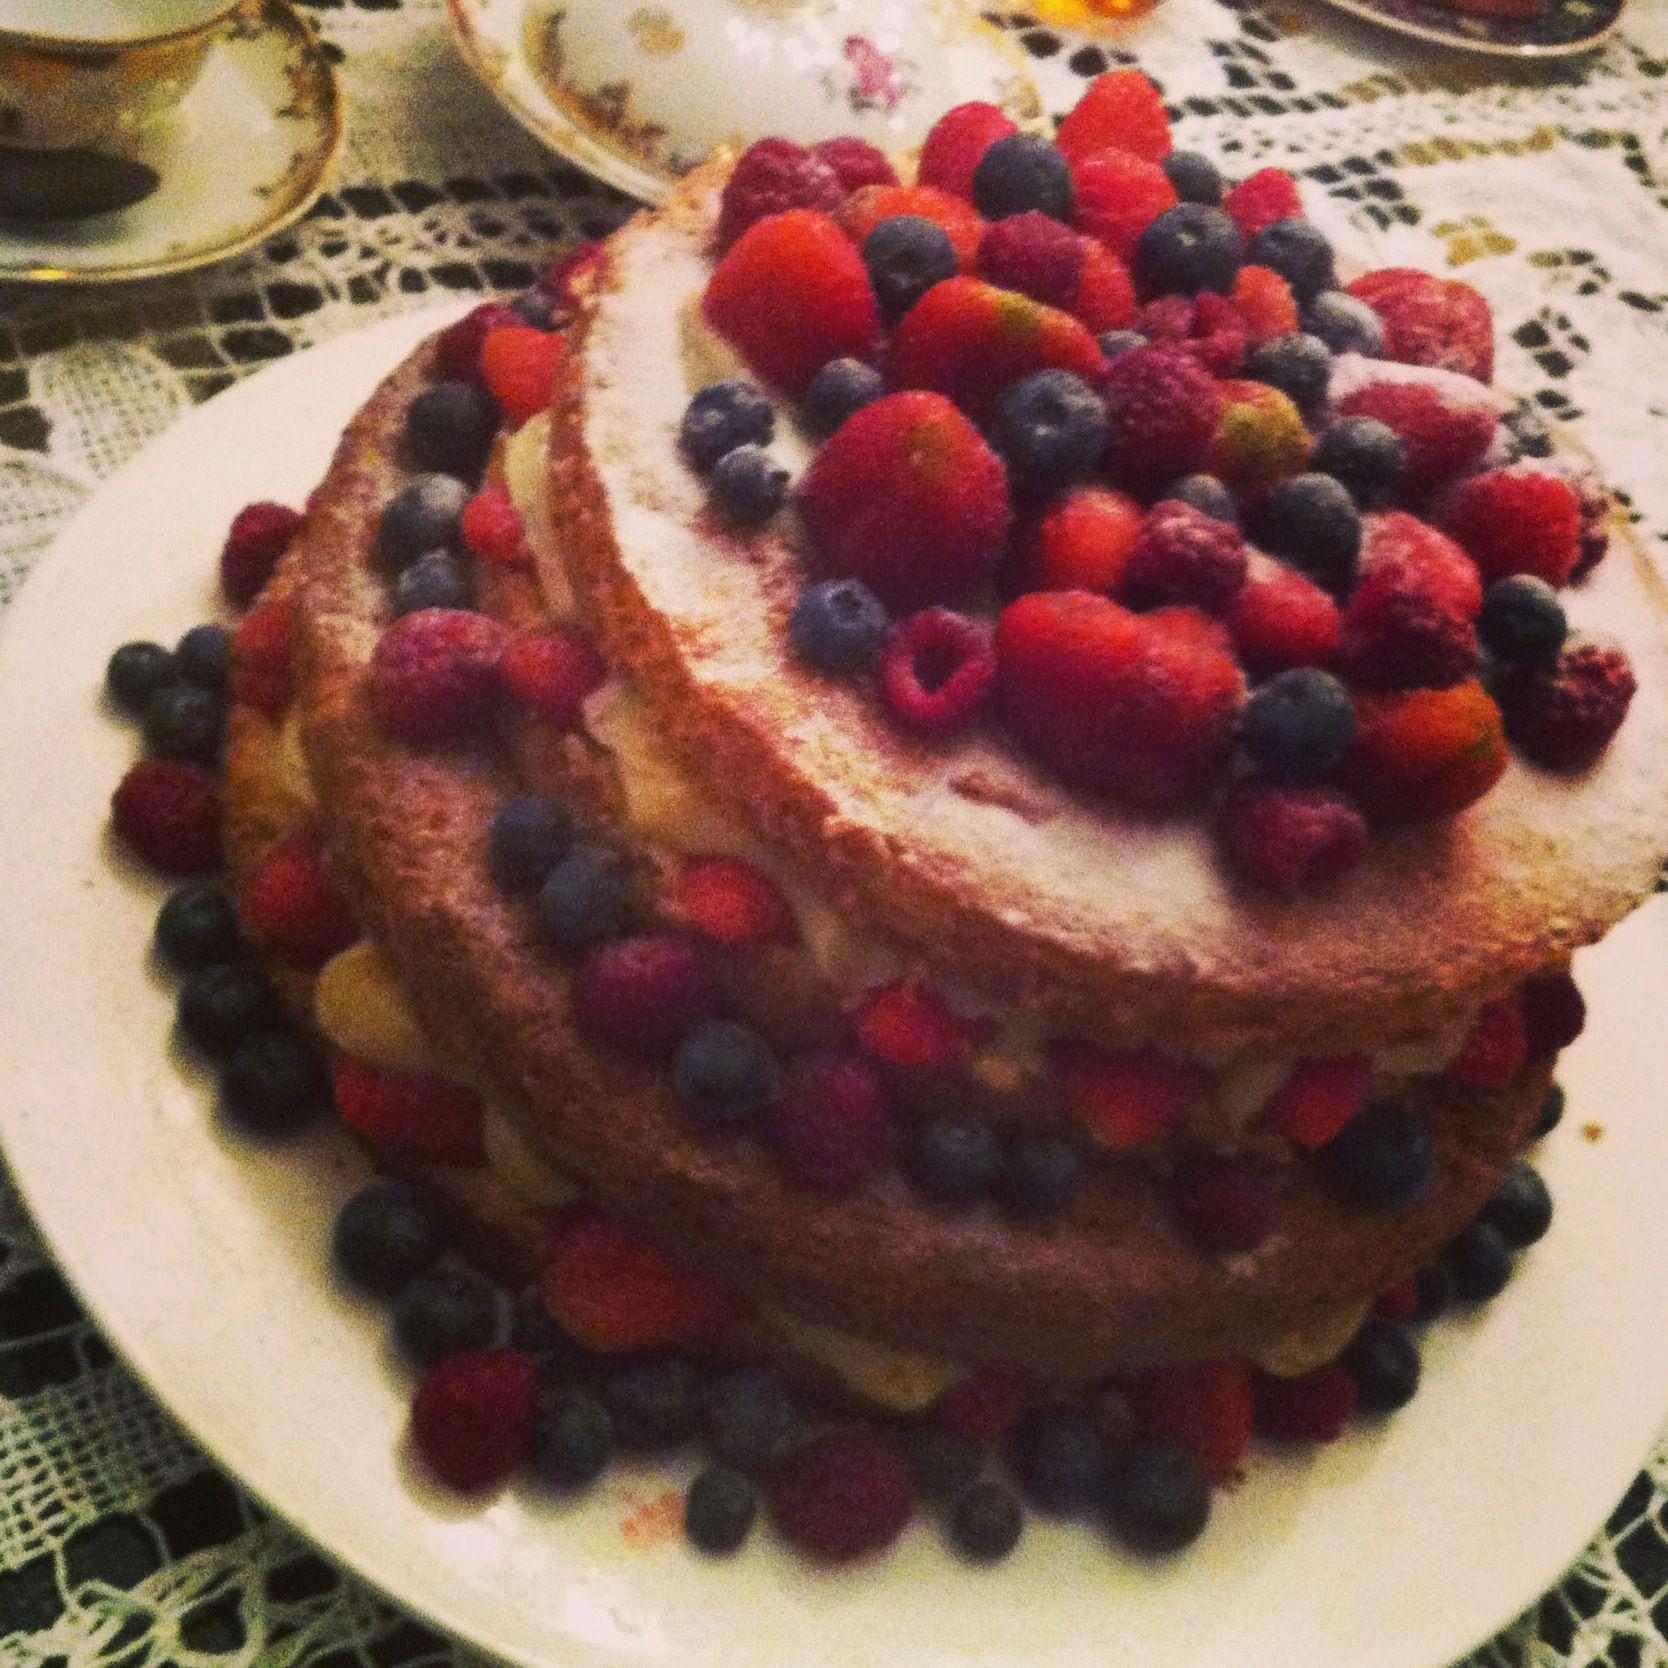 Naked Cake de frutas vermelhas com recheio de brigadeiro branco